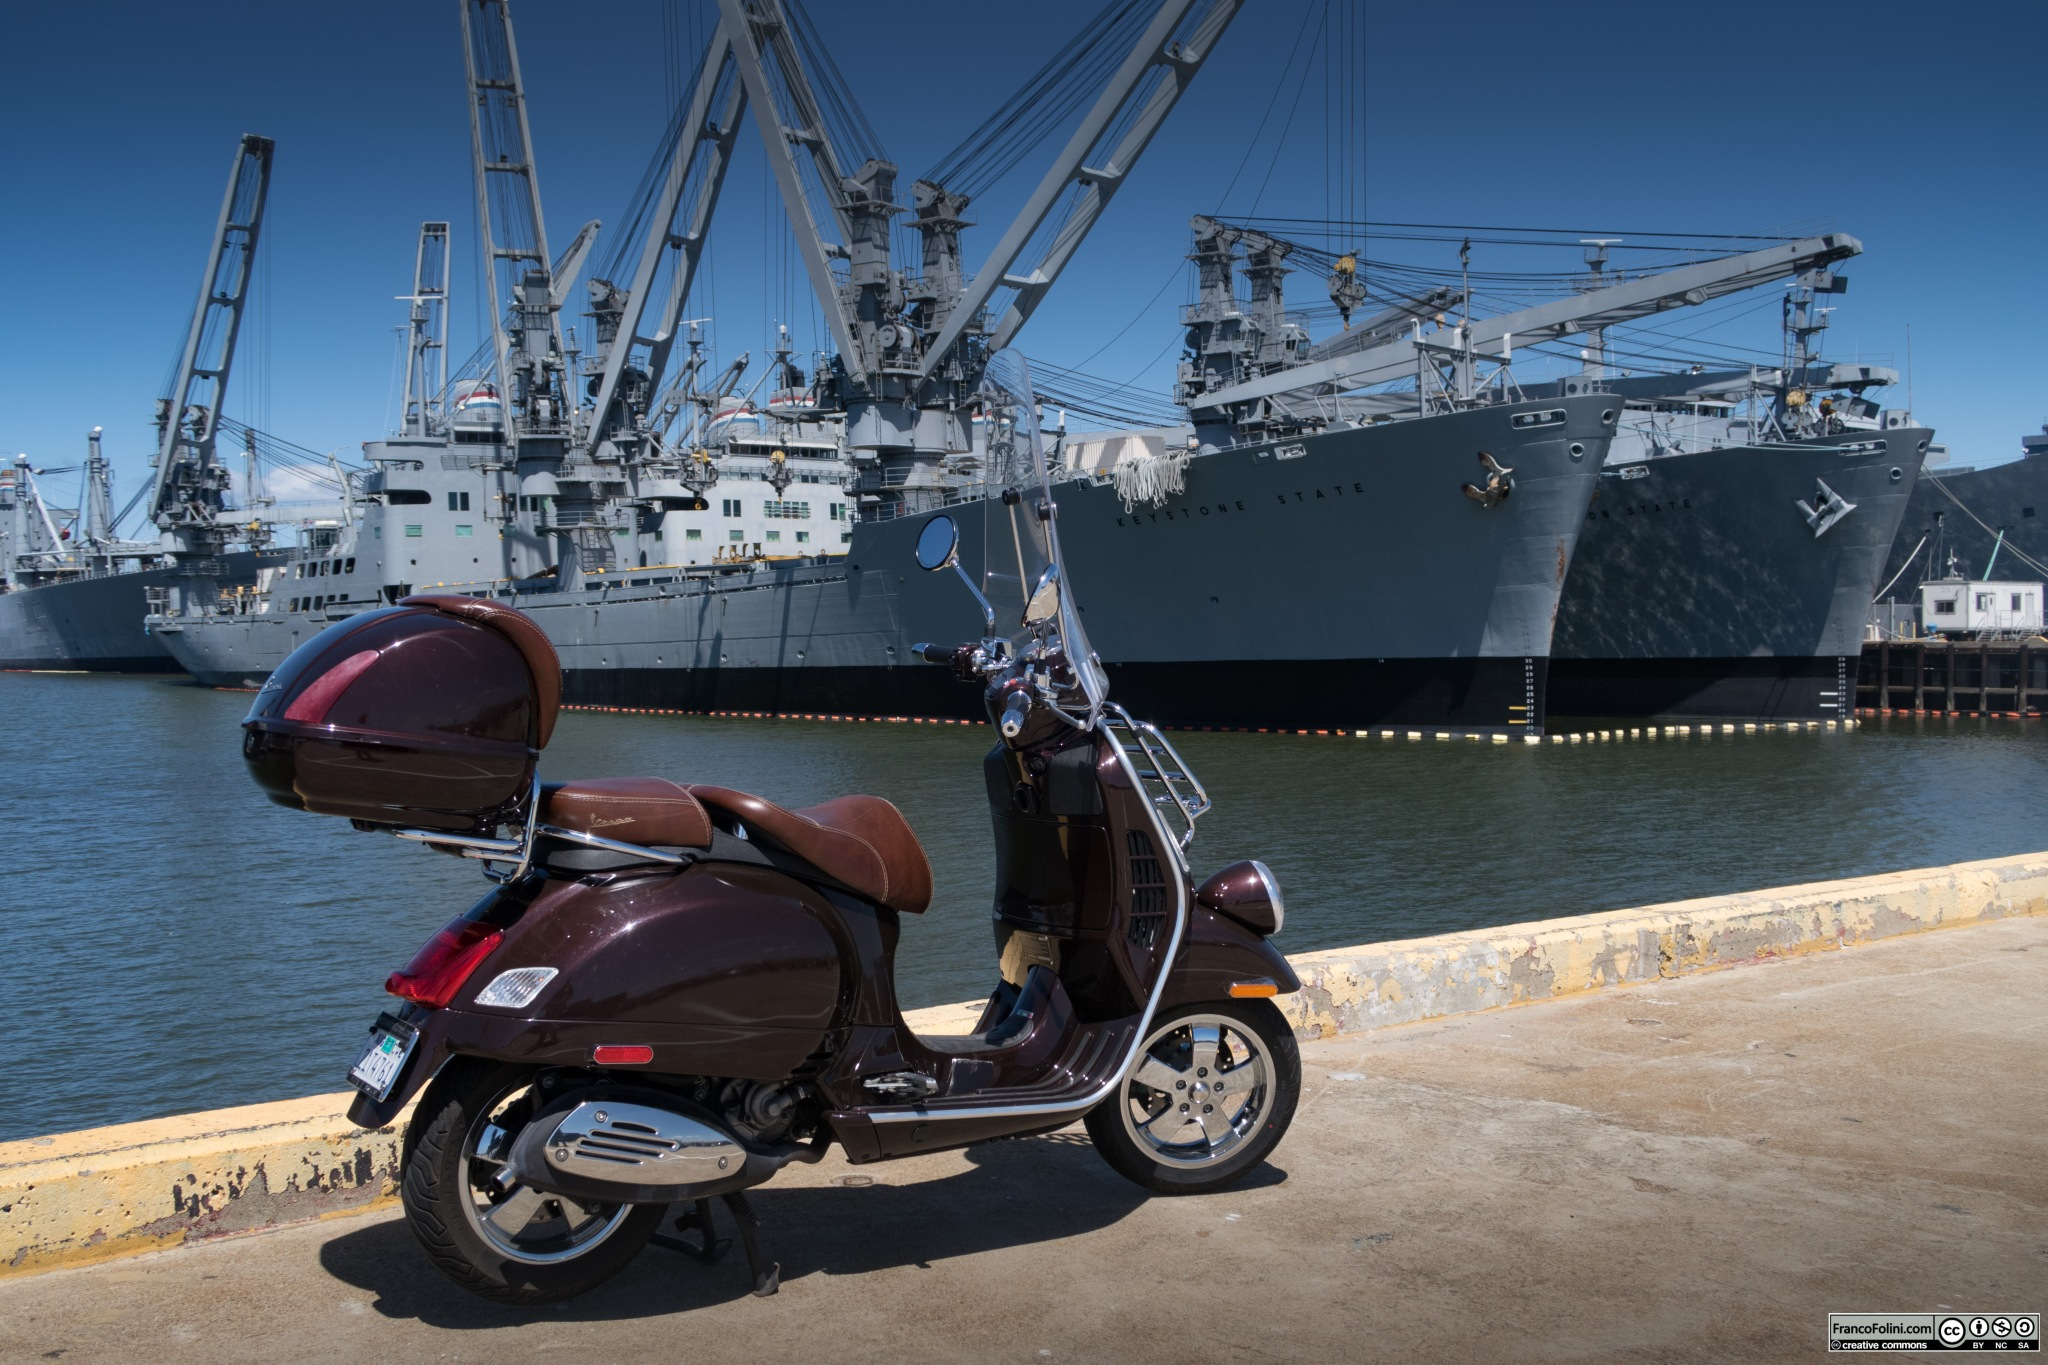 La mia Vespa di fronte ad alcune navi militari, credo in disuso, ormeggiate nel porto di Alameda.